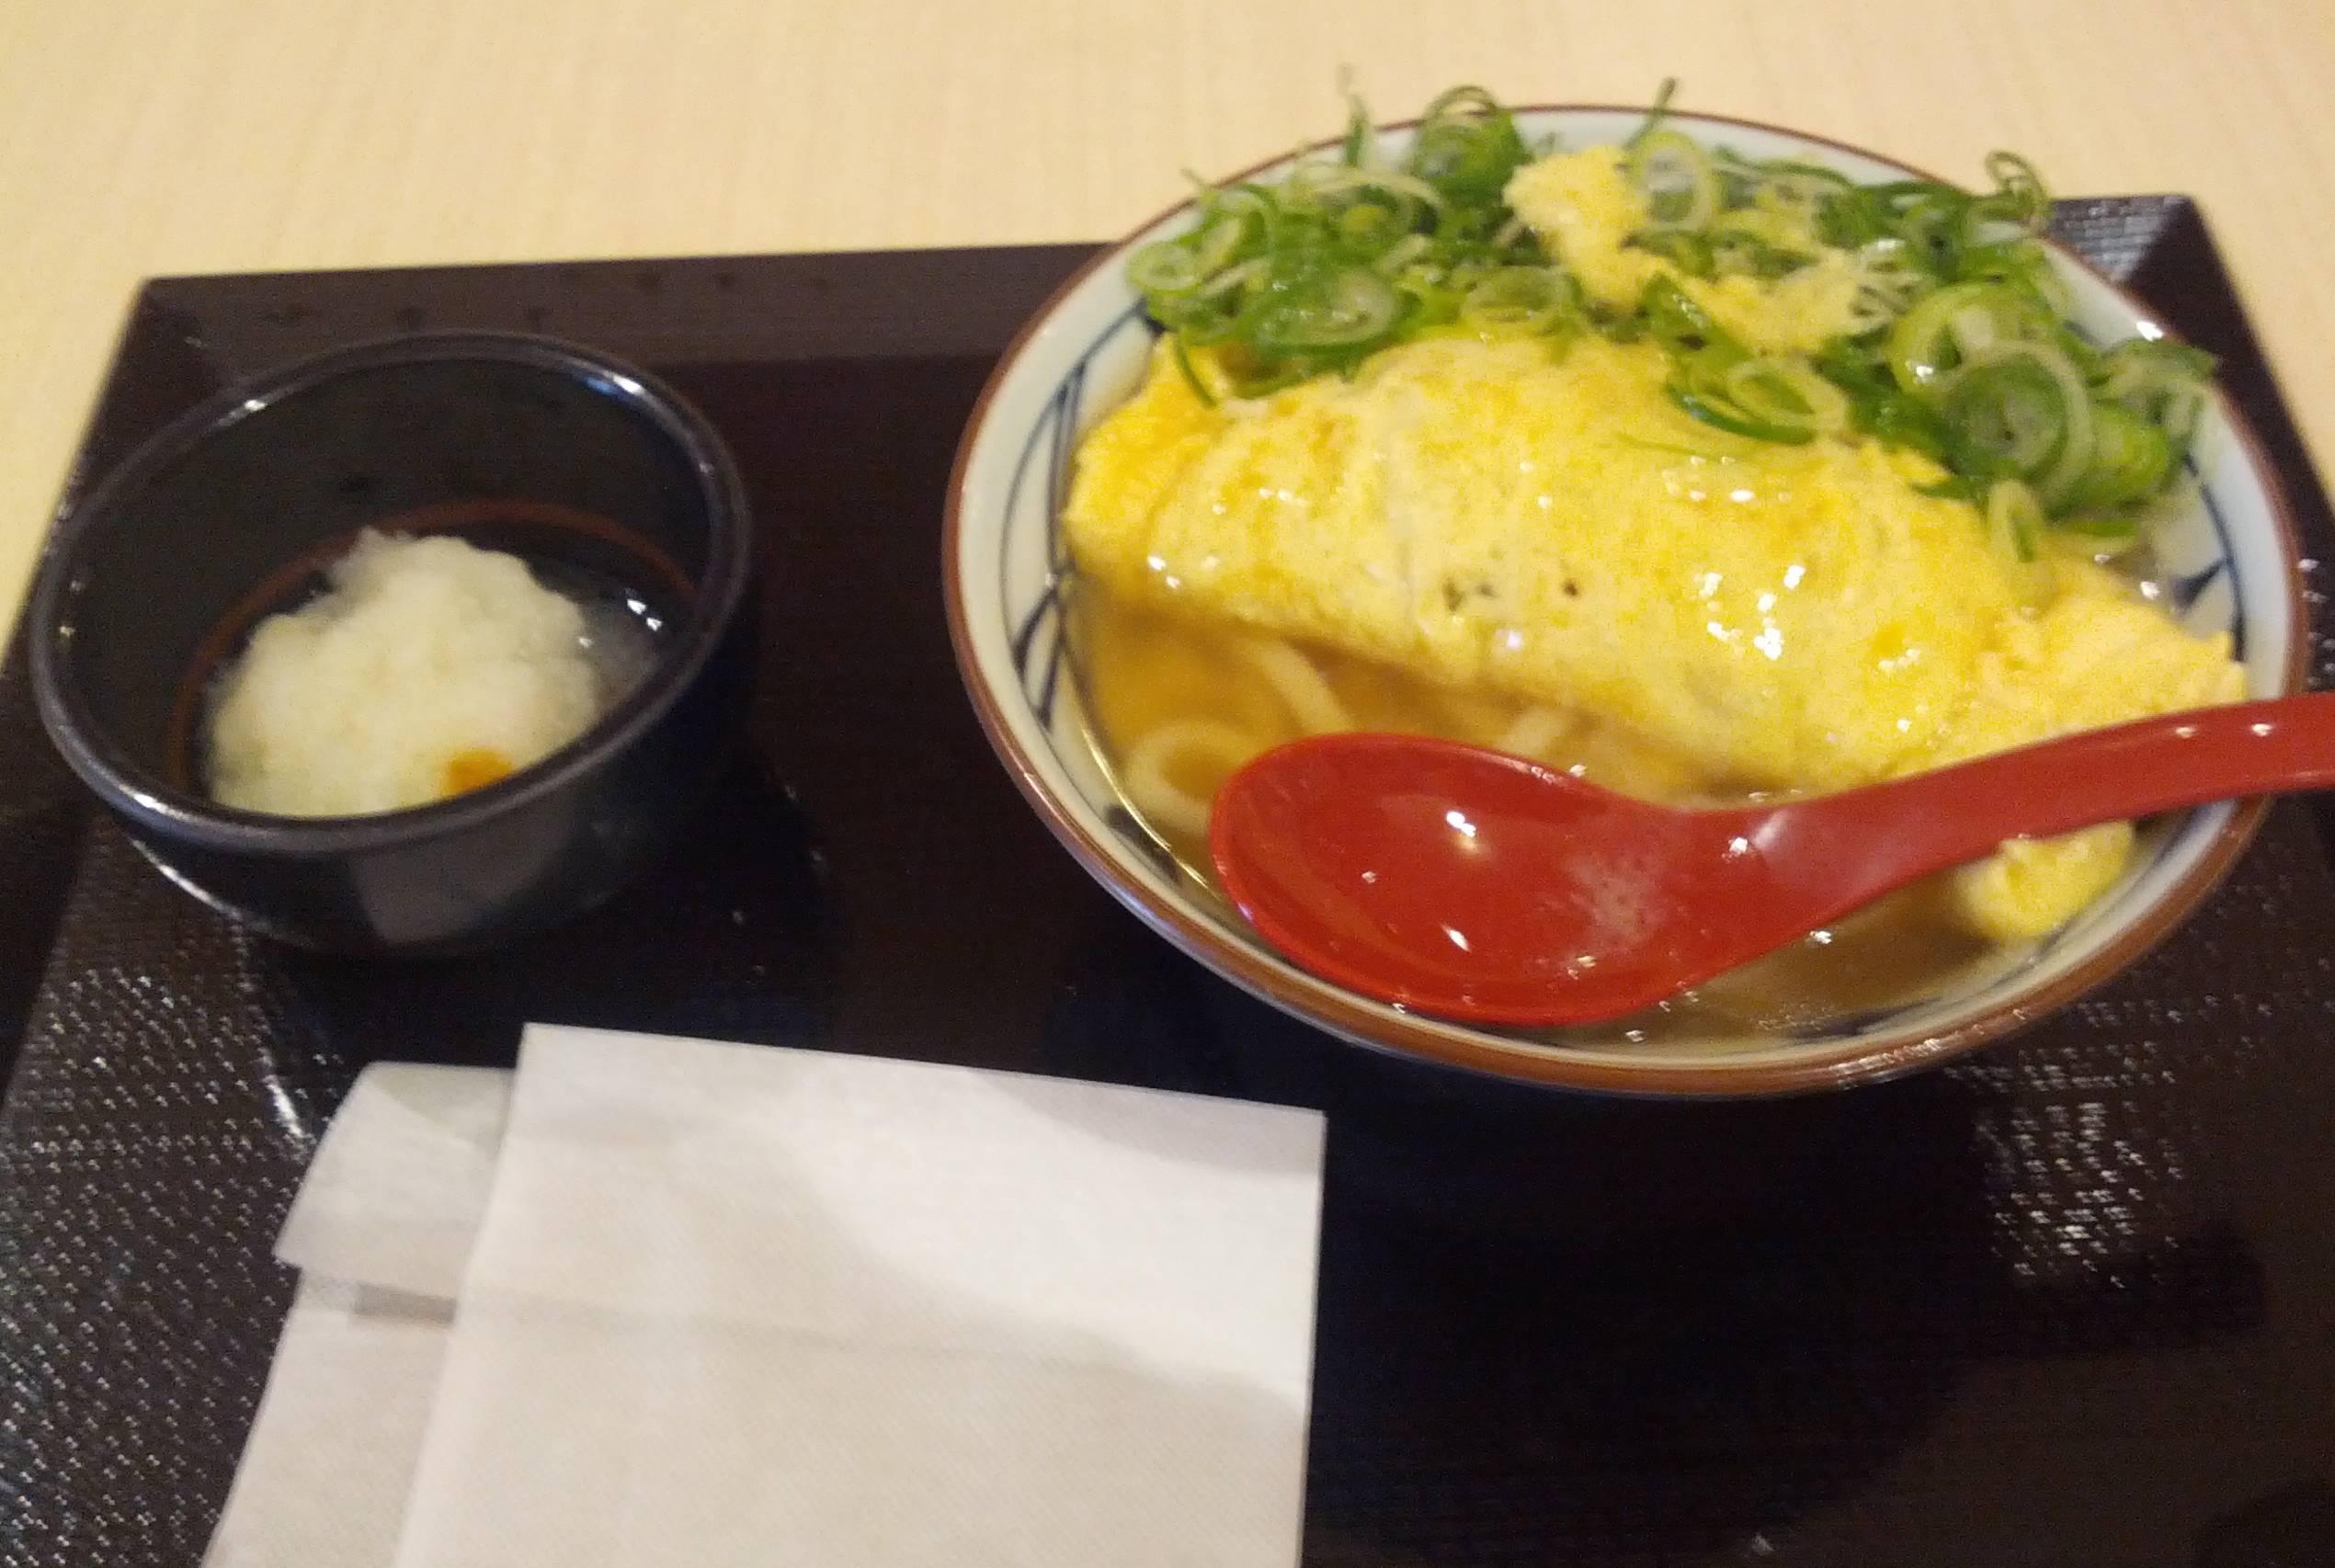 丸亀製麺、だし玉肉うどん実物食べる前